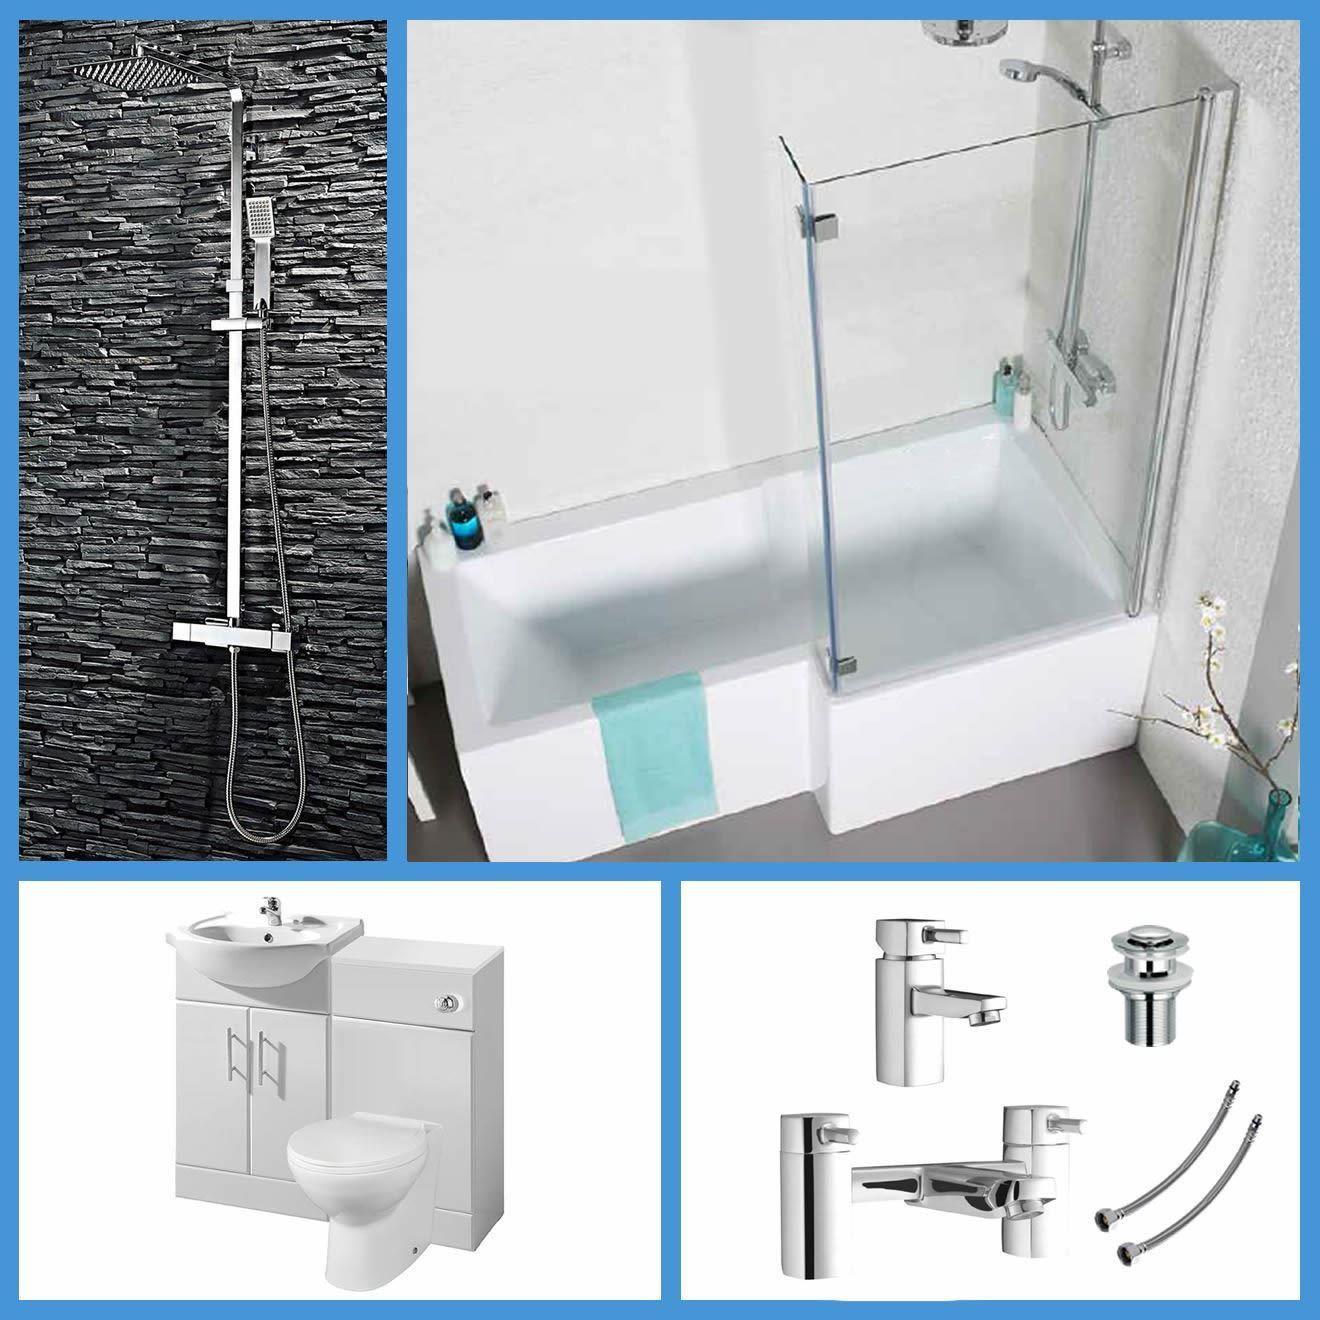 L Shaped Bathroom Suite 1700 Bath 550 Vanity Unit BTW Toilet WC Taps ...